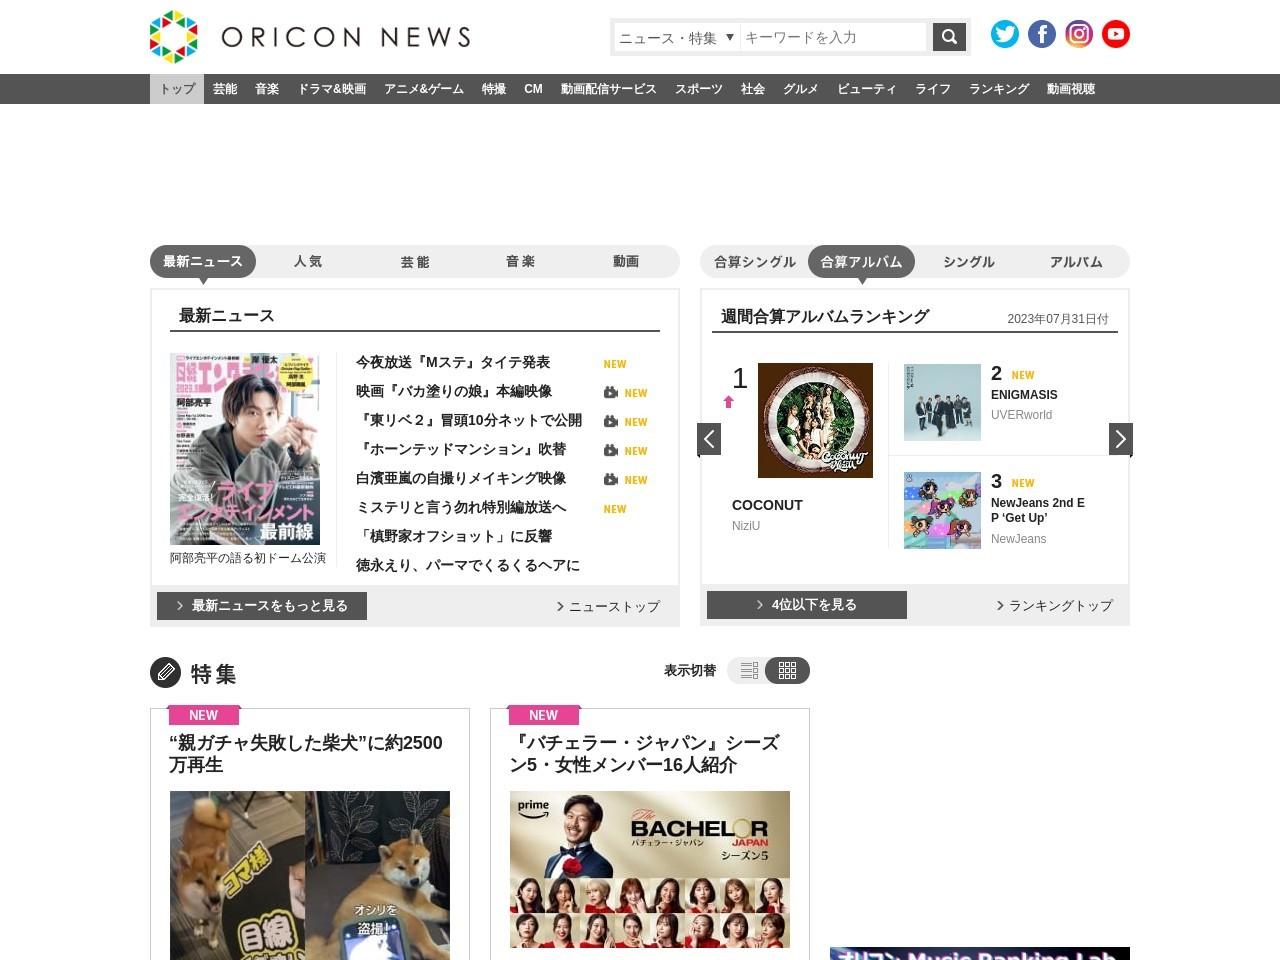 """第11回 男性が選ぶ""""なりたい顔""""ランキング"""